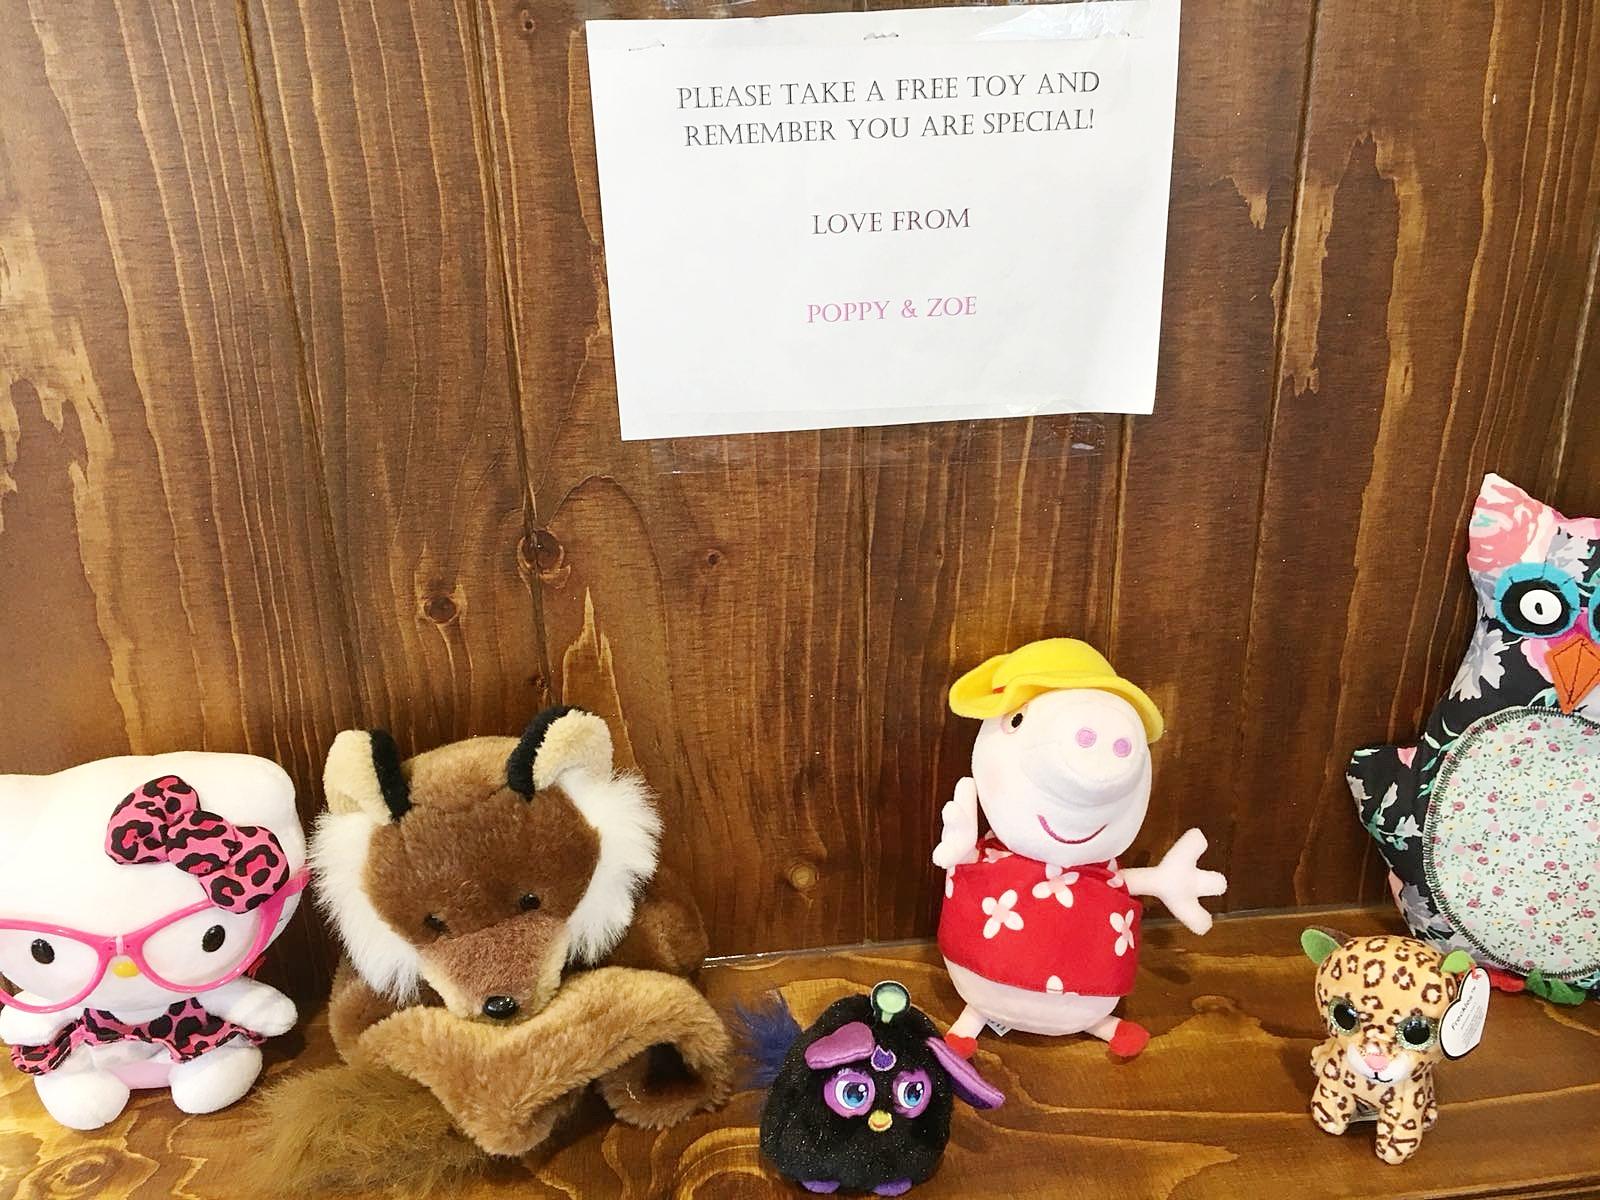 inspring random act of kindness sheffield poppy and zoe costa bearhugs